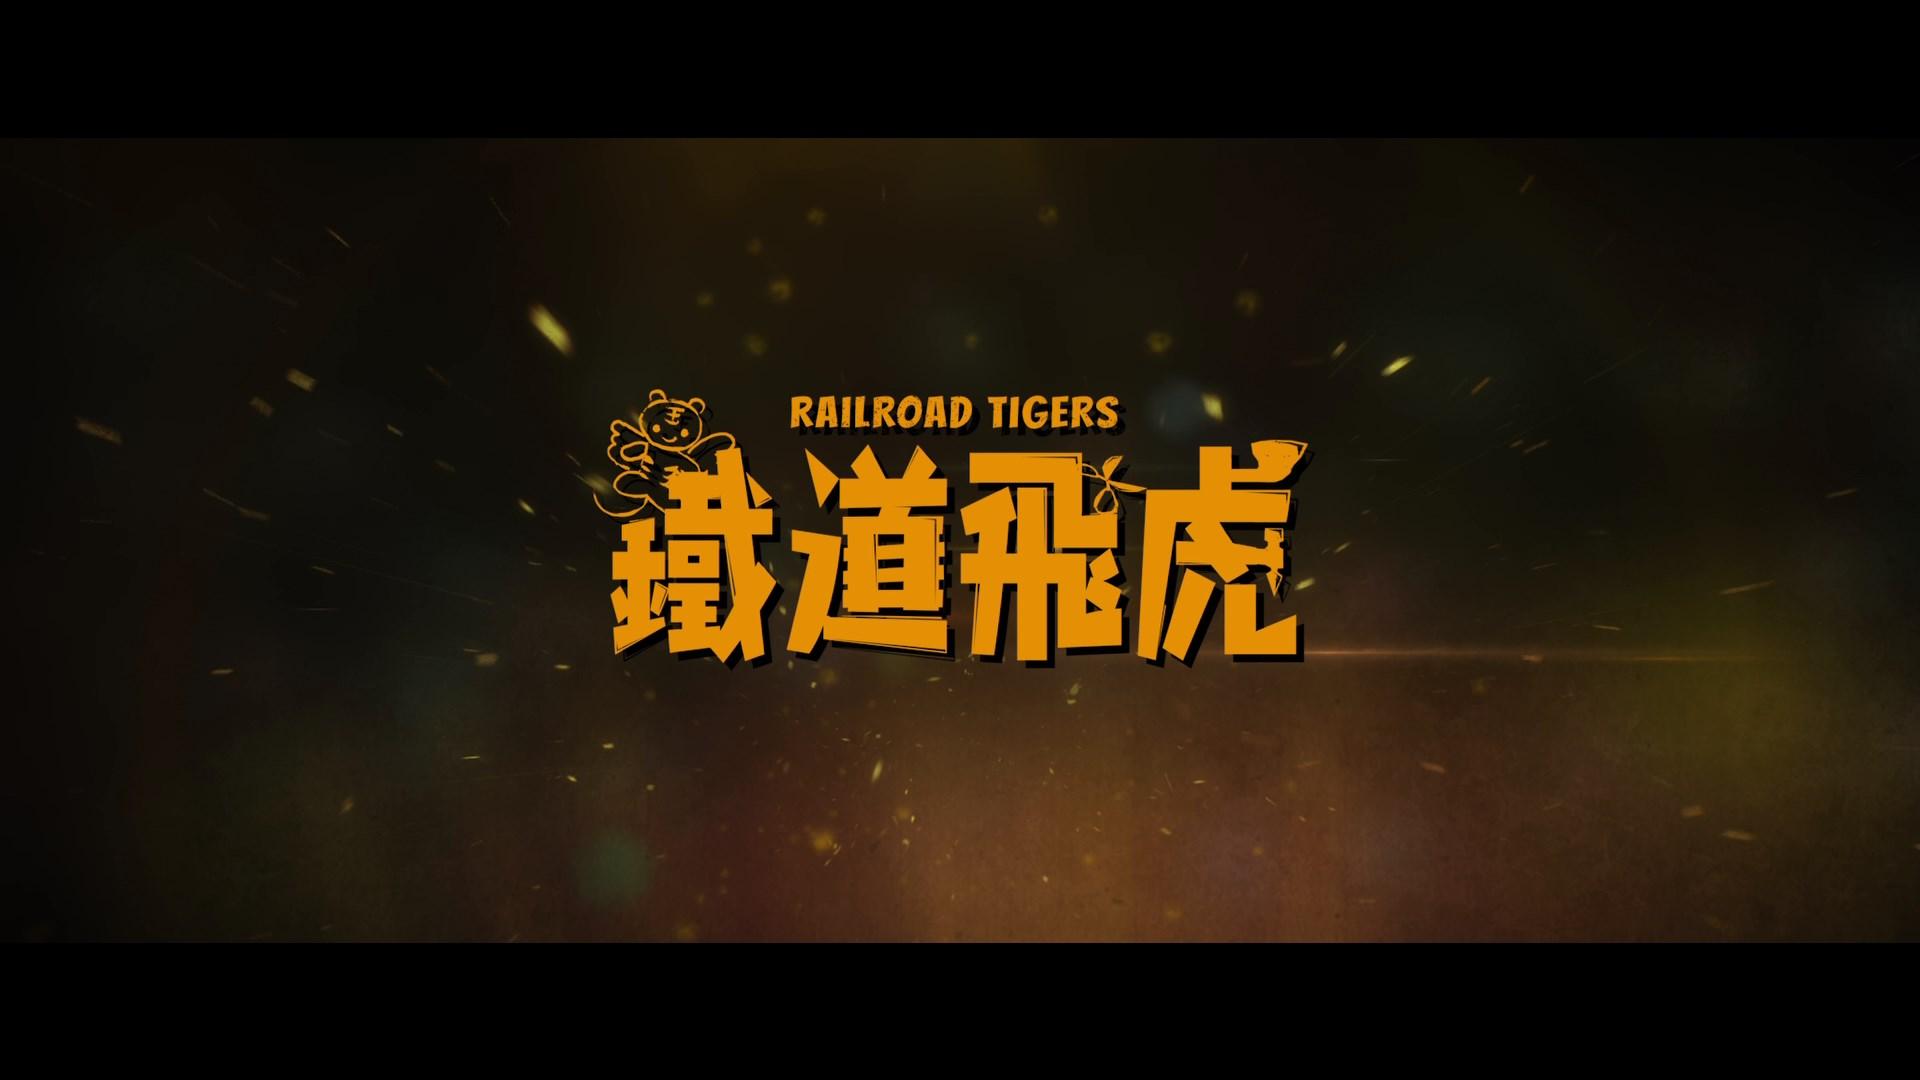 Los tigres del tren (2016) Unrated 1080p BRRip Latino